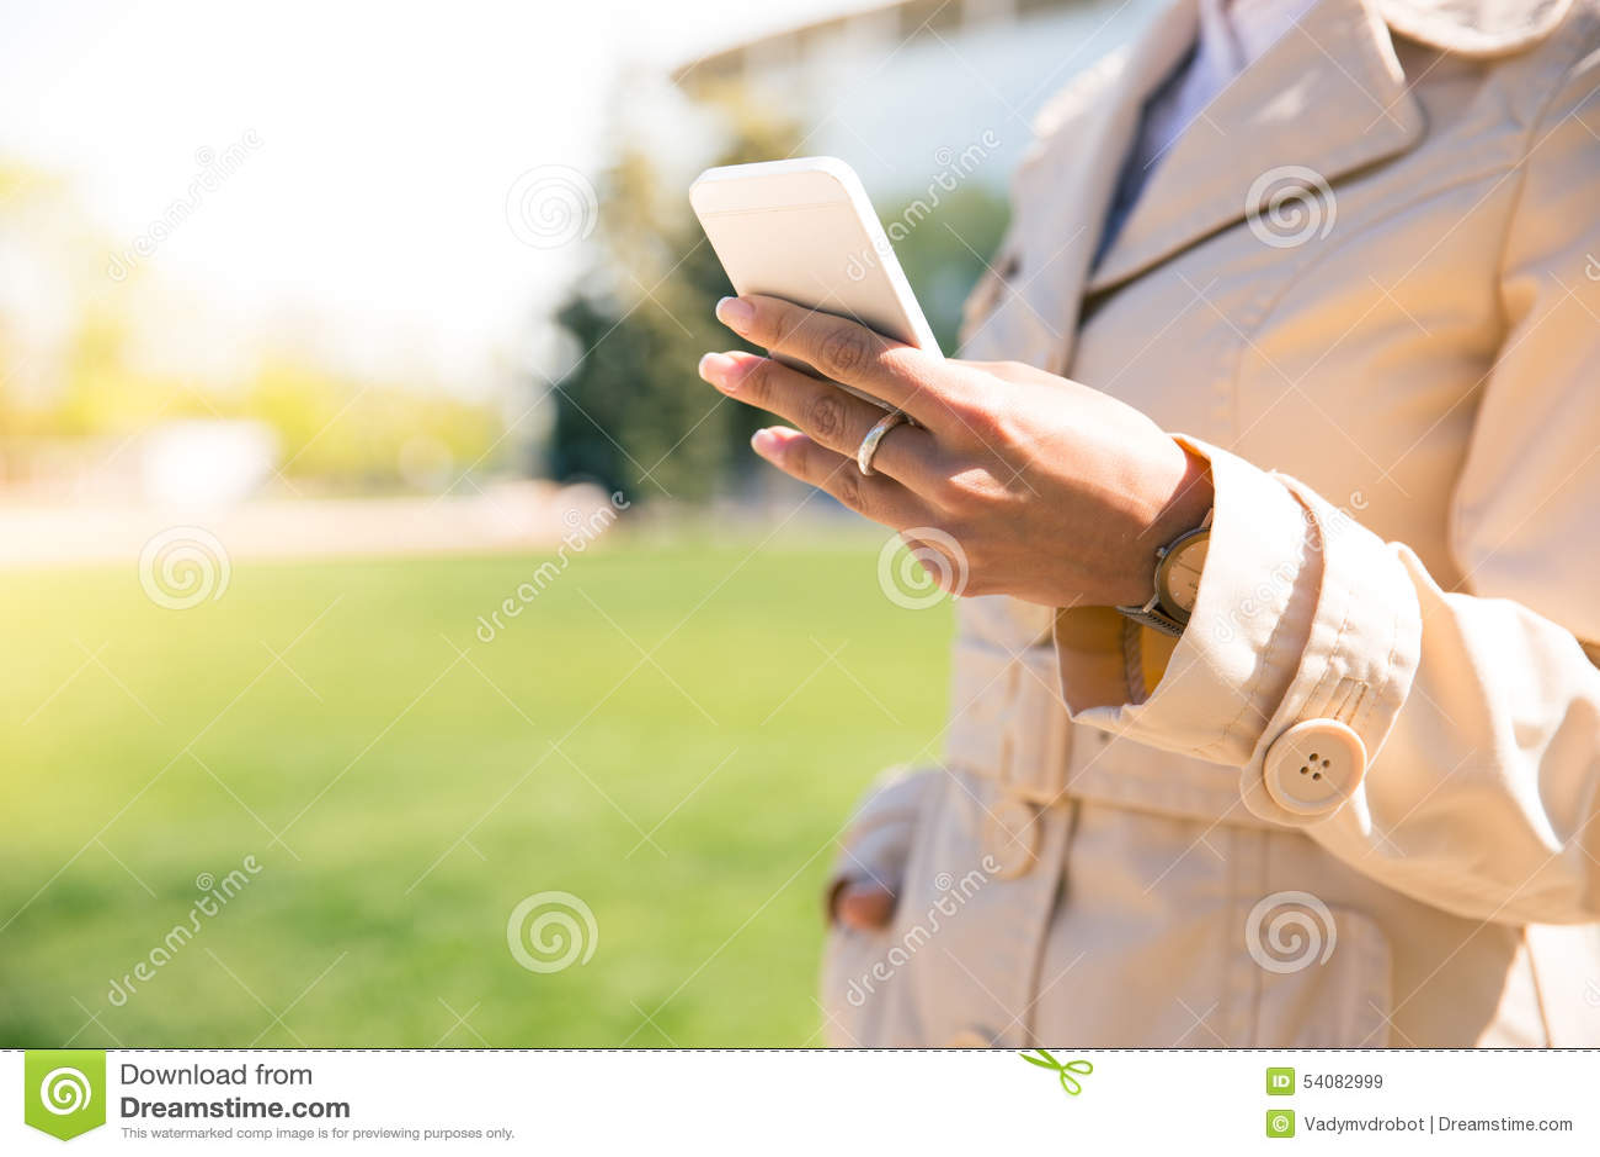 De vrouwelijke Holding Smartphone van de Hand